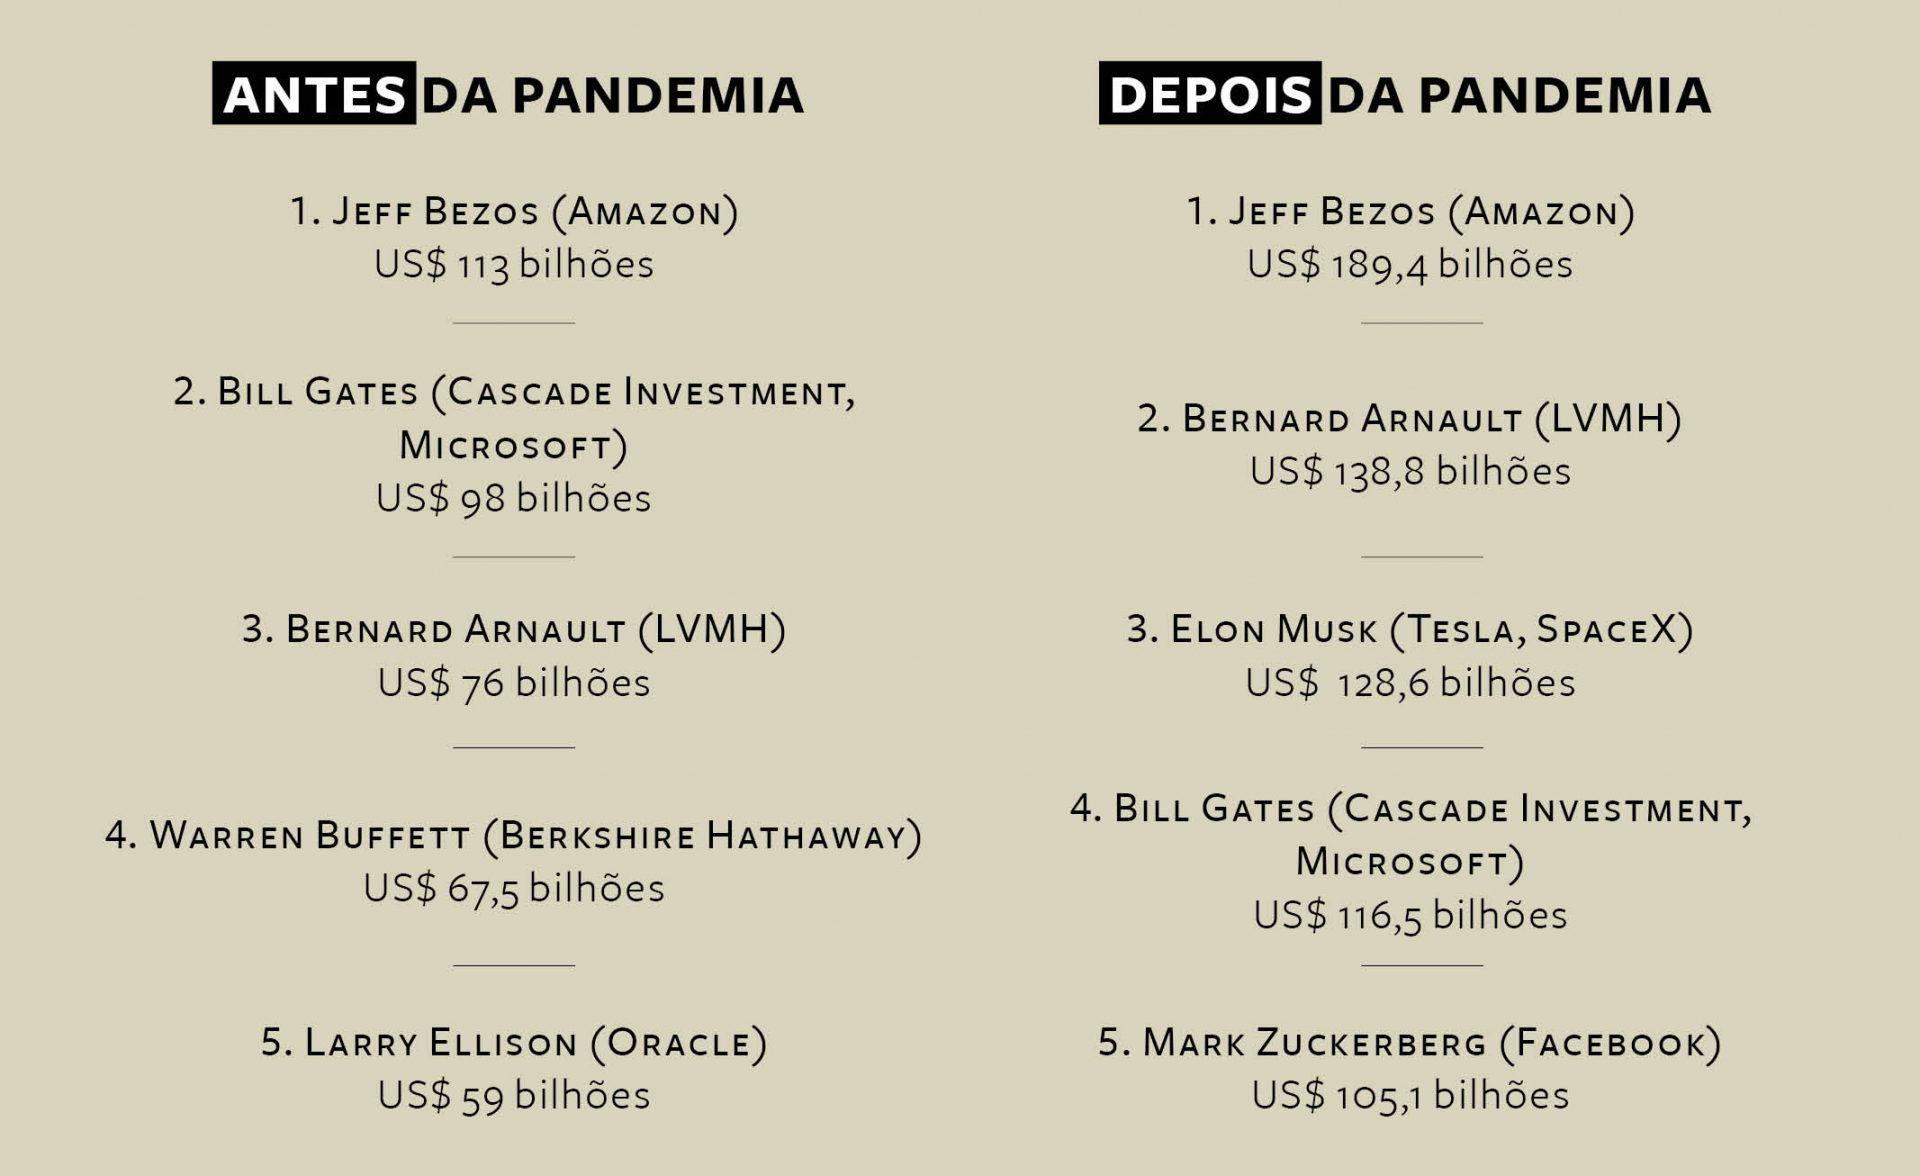 bilionários mais ricos durante pandemia